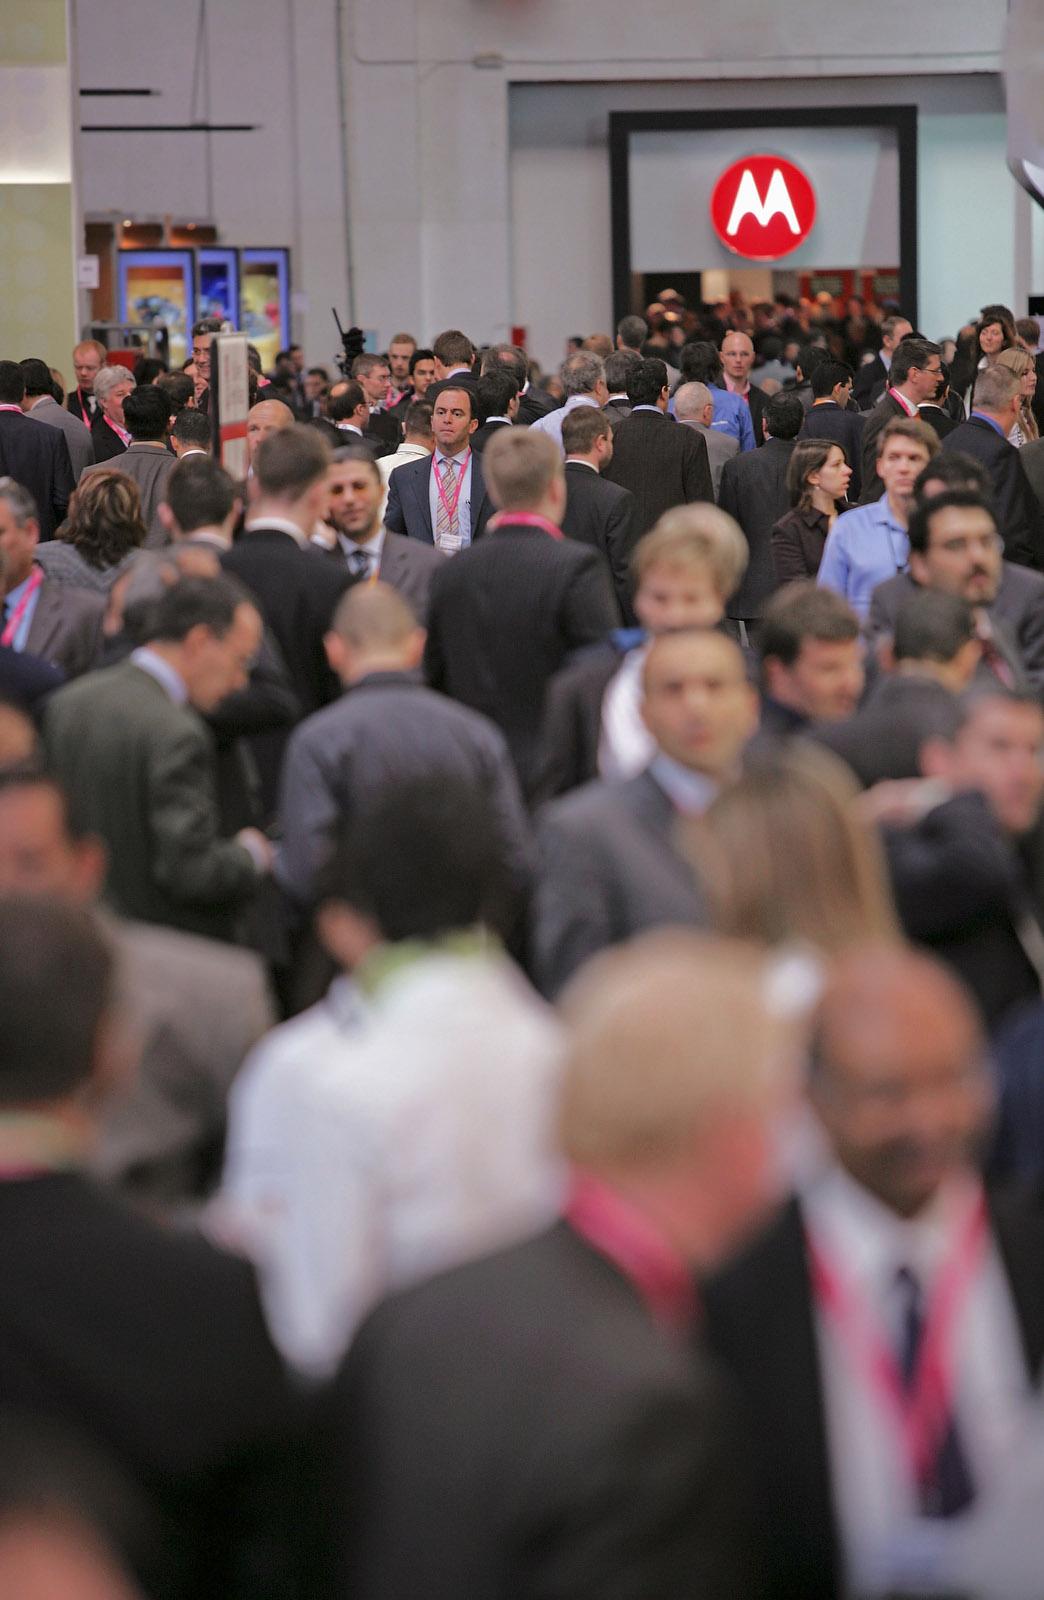 y10151 -  Spain, Barcelona, Motorola at 3GSM World Congress.- Spanien, Barcelona, Motorola, 3GSM Welt Kongress. (Groesste Mobilfunkmesse der Welt) 12.02.2007.- 48 MB. DIGITAL PHOTO.Copyright: Oliver Brenneisen